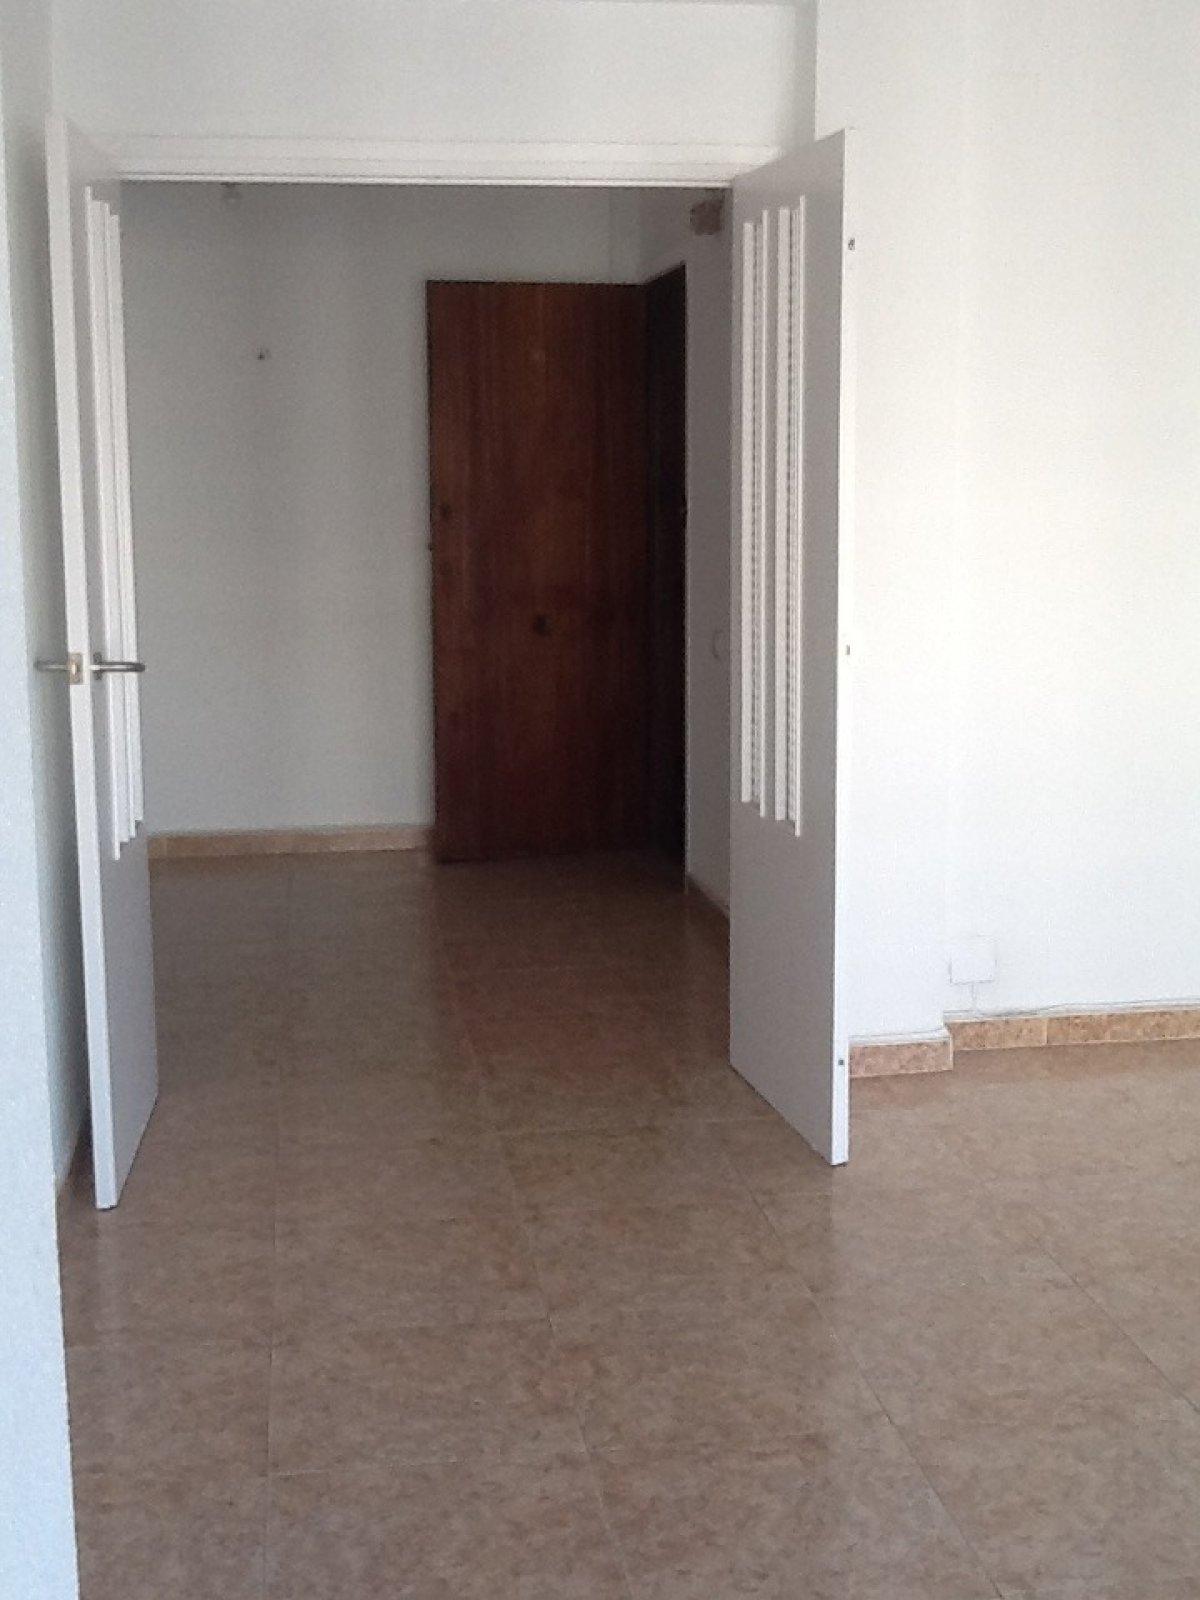 Alquiler de piso en valencia - imagenInmueble13